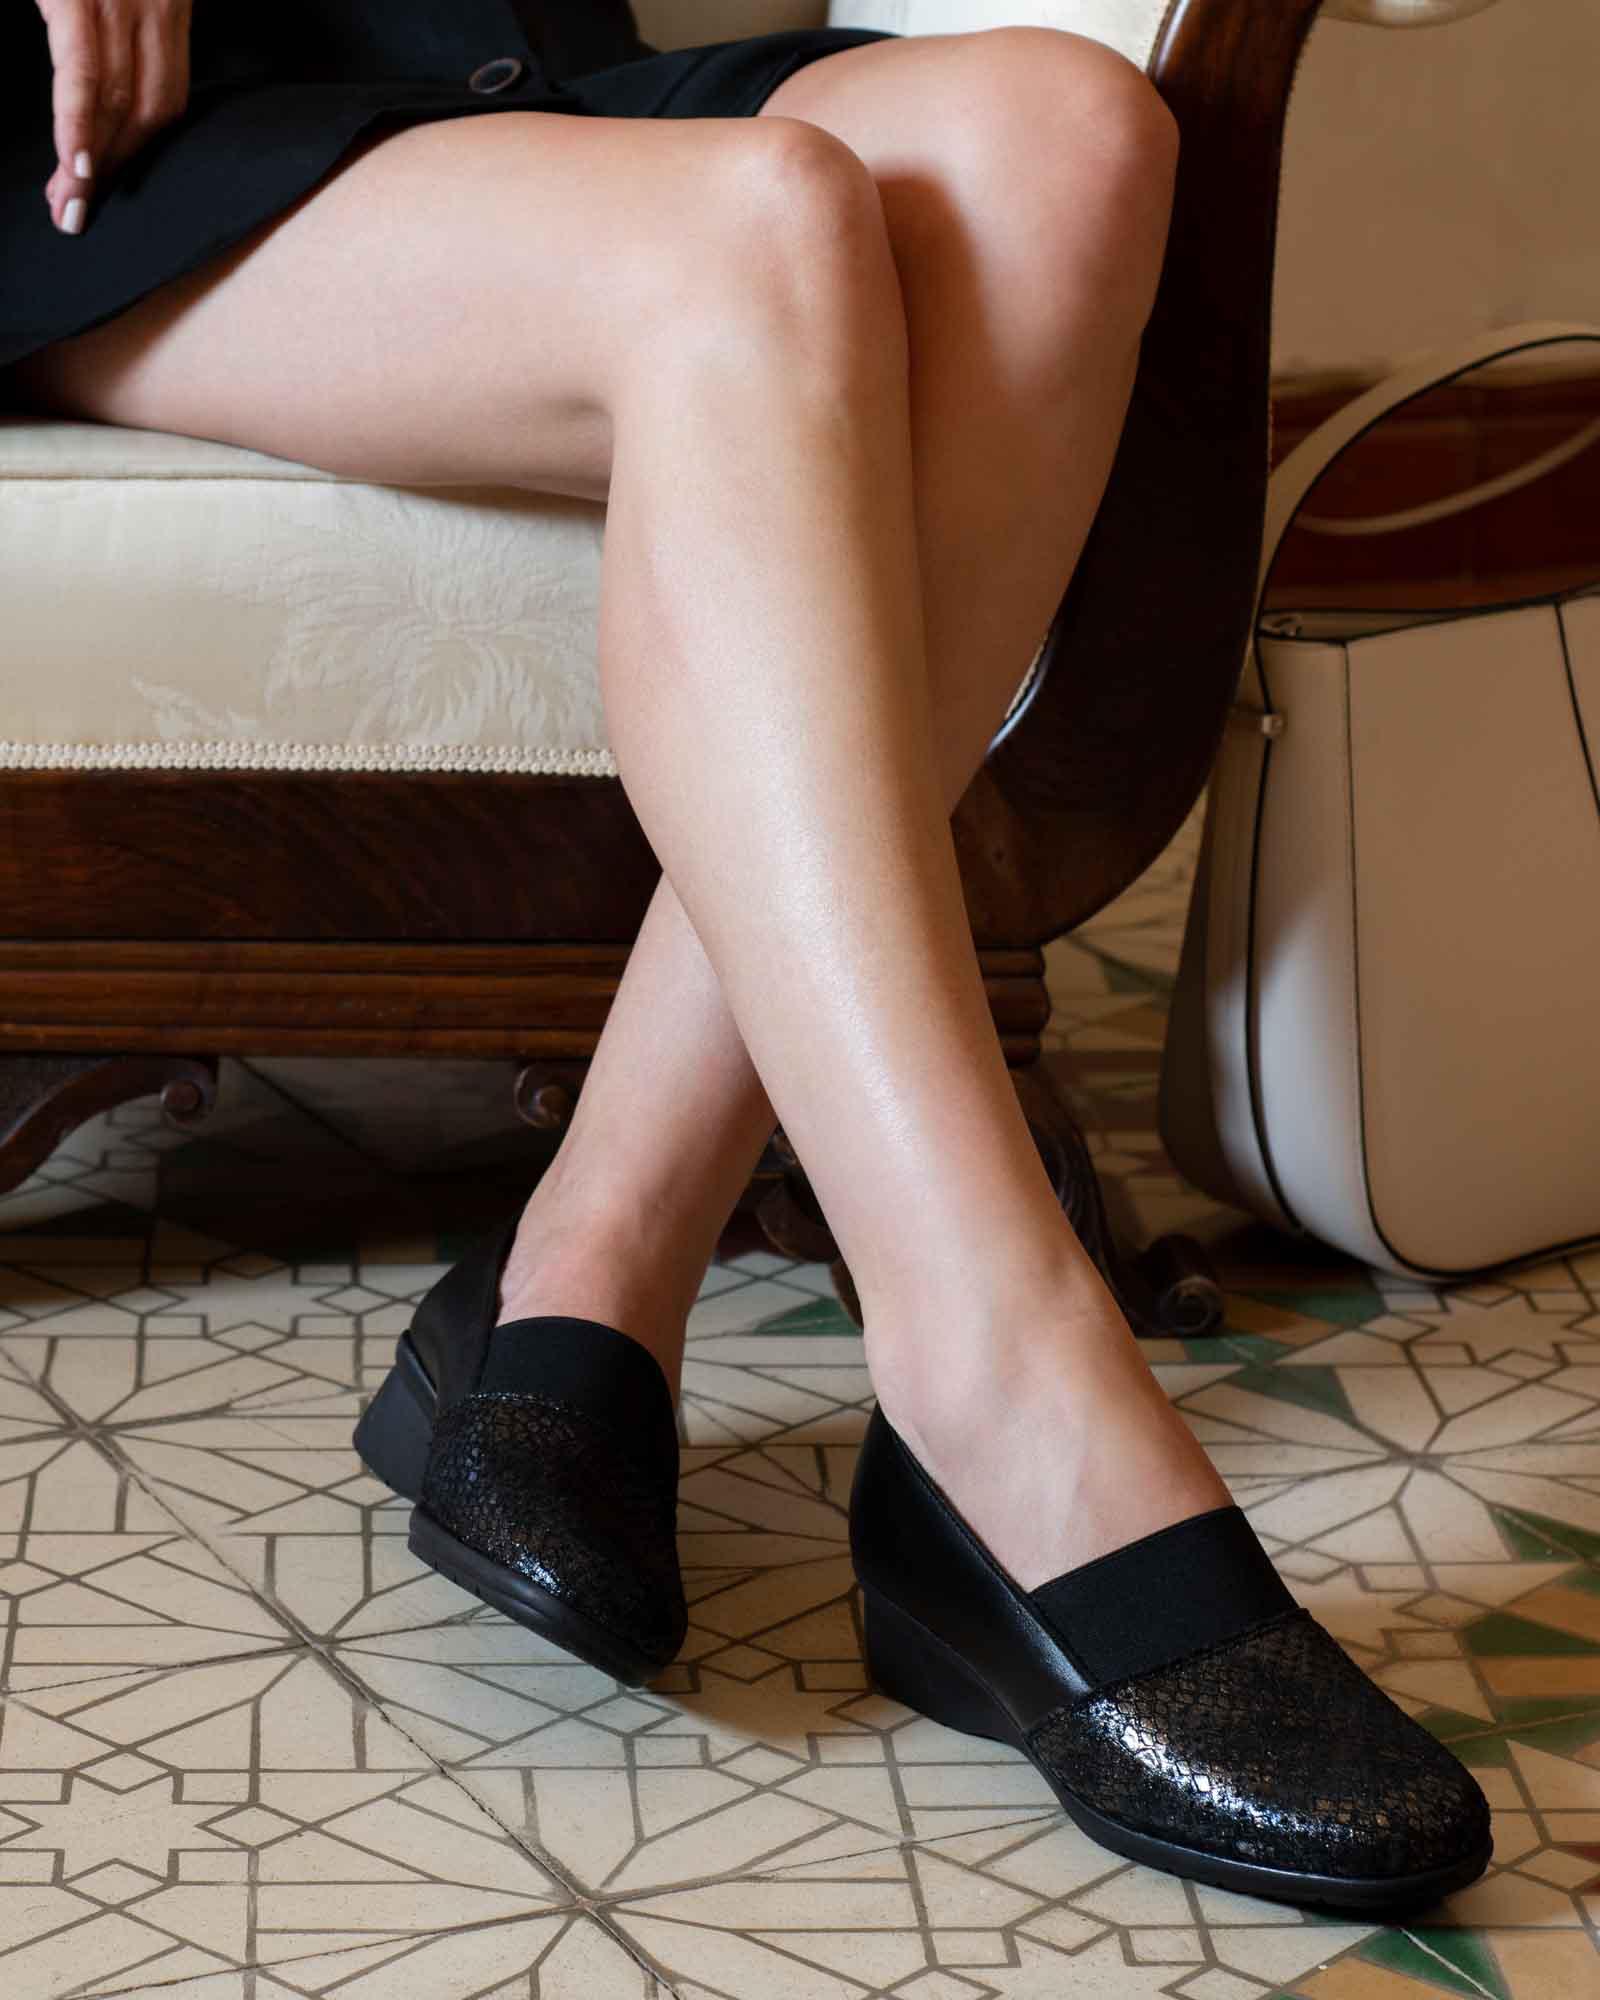 Mujer sentada en una silla antigua con zapatos negros y vestido con baldosas españoles.